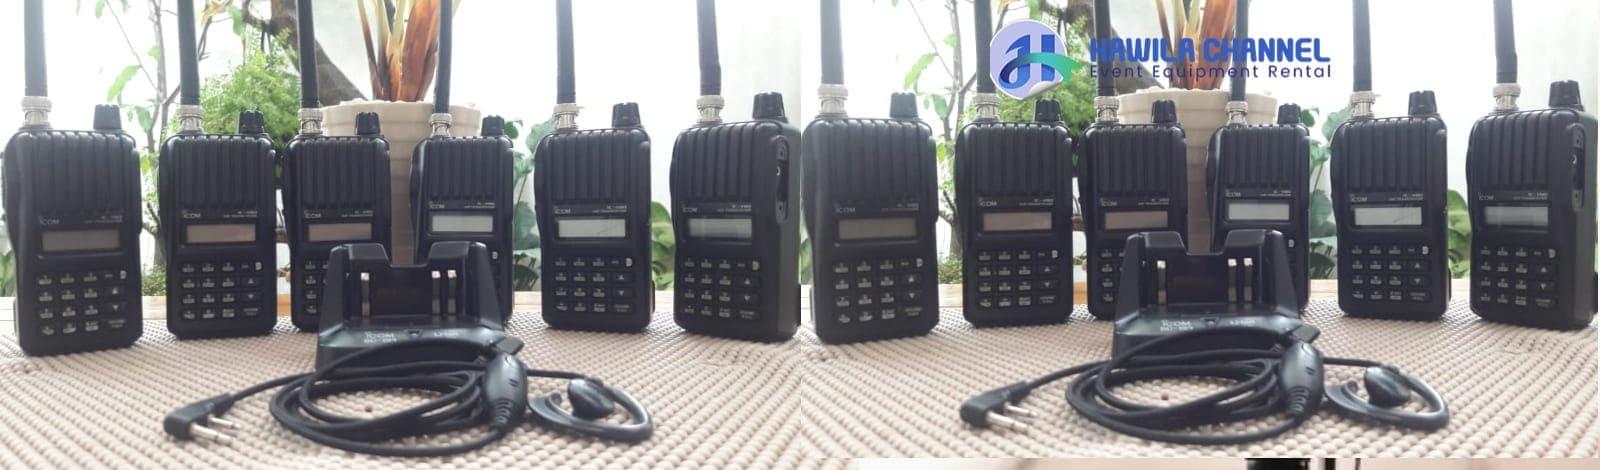 Sewa radio HT Pamulang, Rental Handy Talky, Penyewaan Radio HT